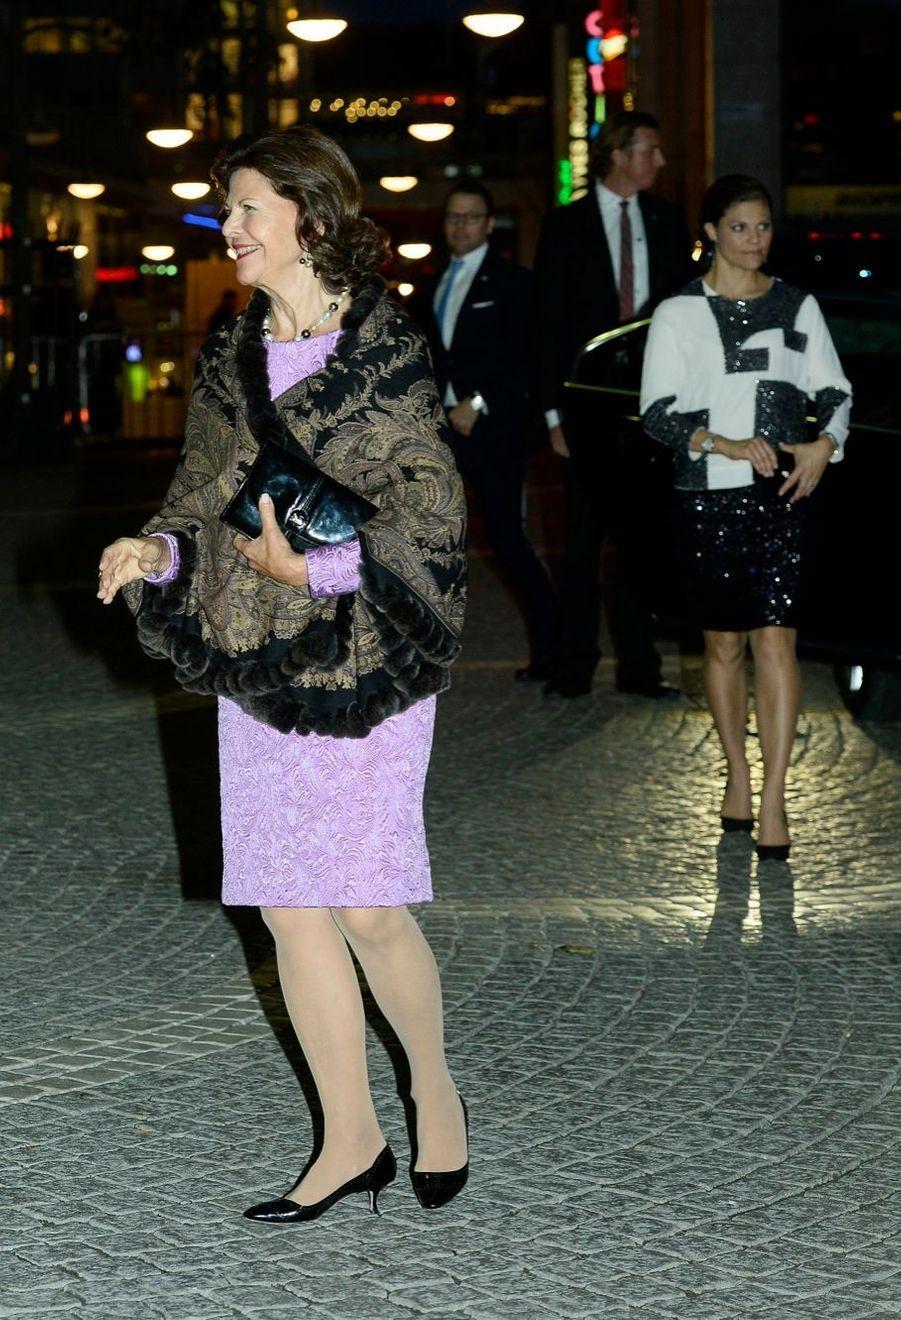 La reine Silvia, la princesse Victoria et le prince Daniel à la soirée de gala pour la rentrée du Parlement de Suède, le 30 septembre 2014